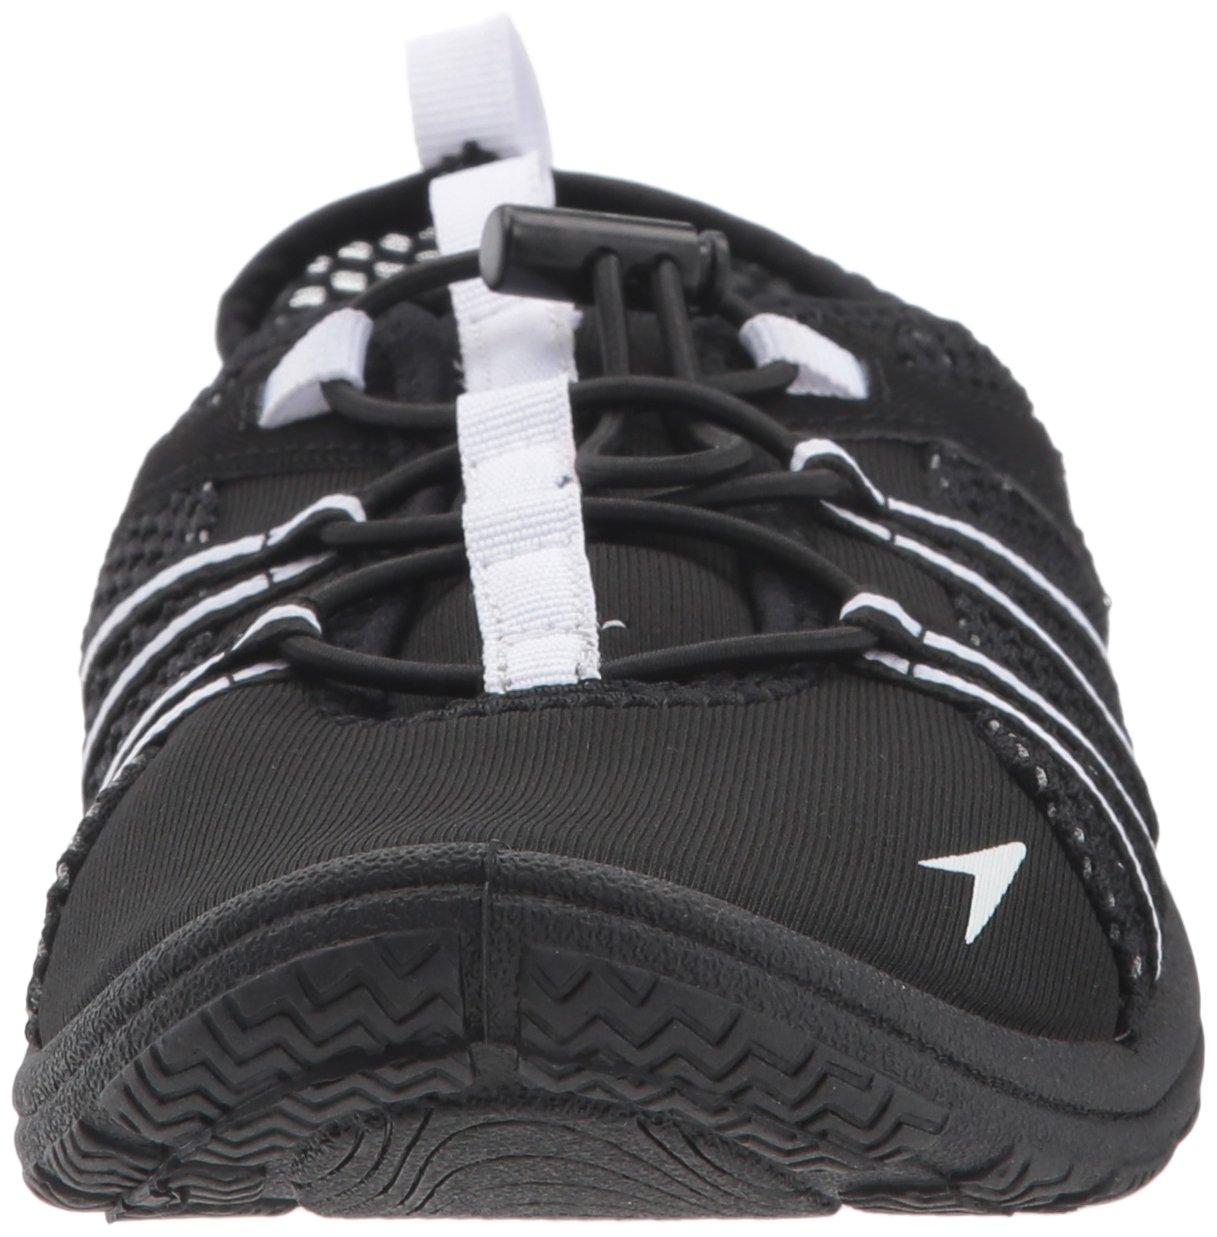 Speedo Women/'s Seaside Lace Water Shoes Choose SZ//Color